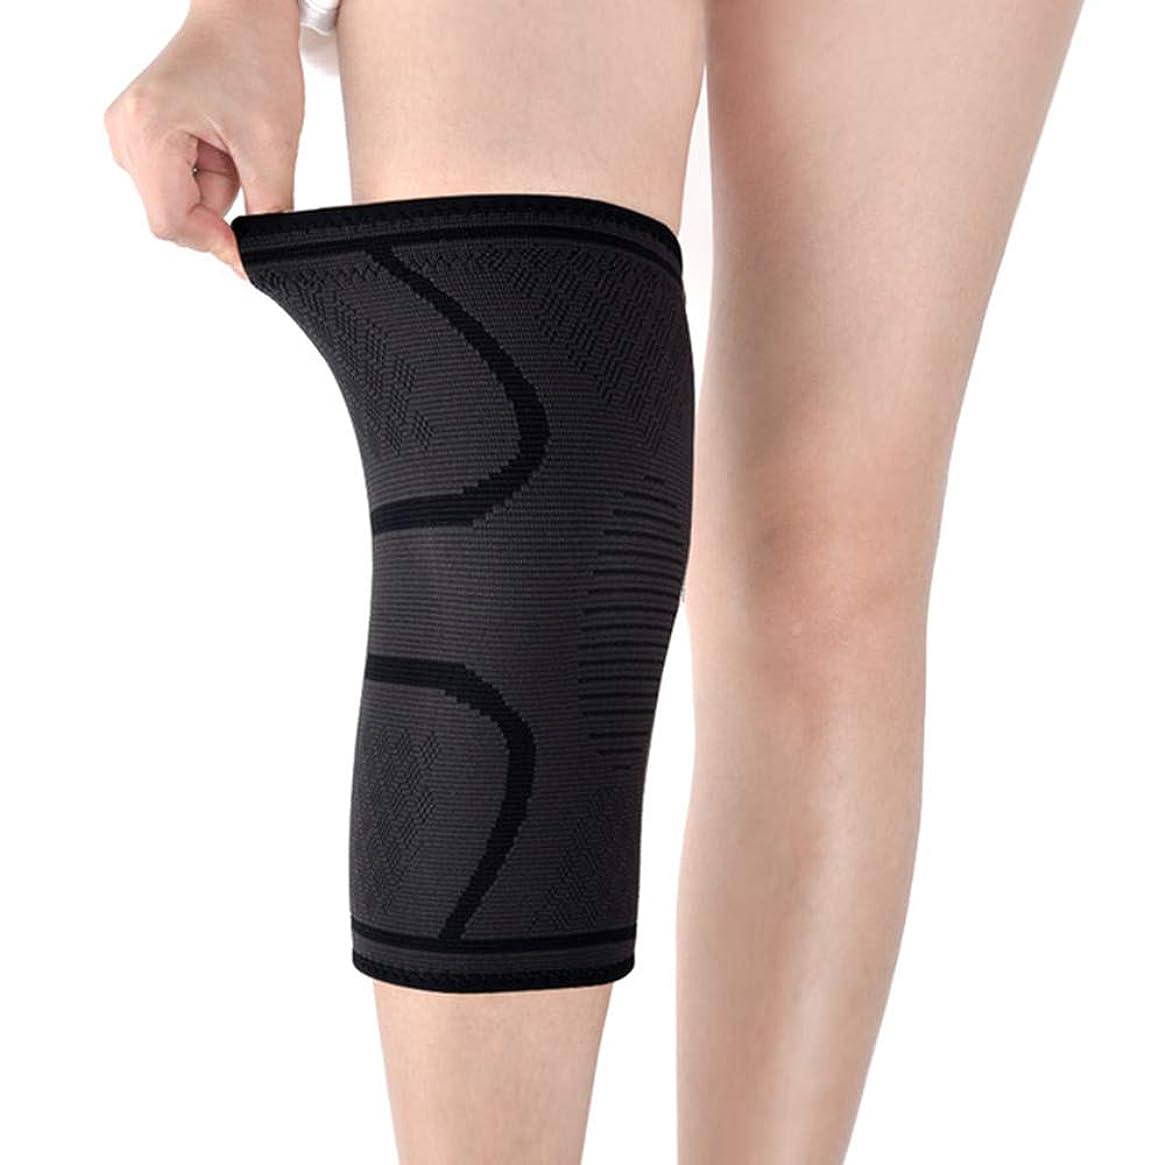 シャイニングかどうか黙認する膝サポーター スポーツ 薄手 しっかり 保護 ゴルフ バレーボール ランニング ジュニア 高齢者 イズ スポーツ用 関節痛 膝の痛み カーフスリーブ 男女兼用